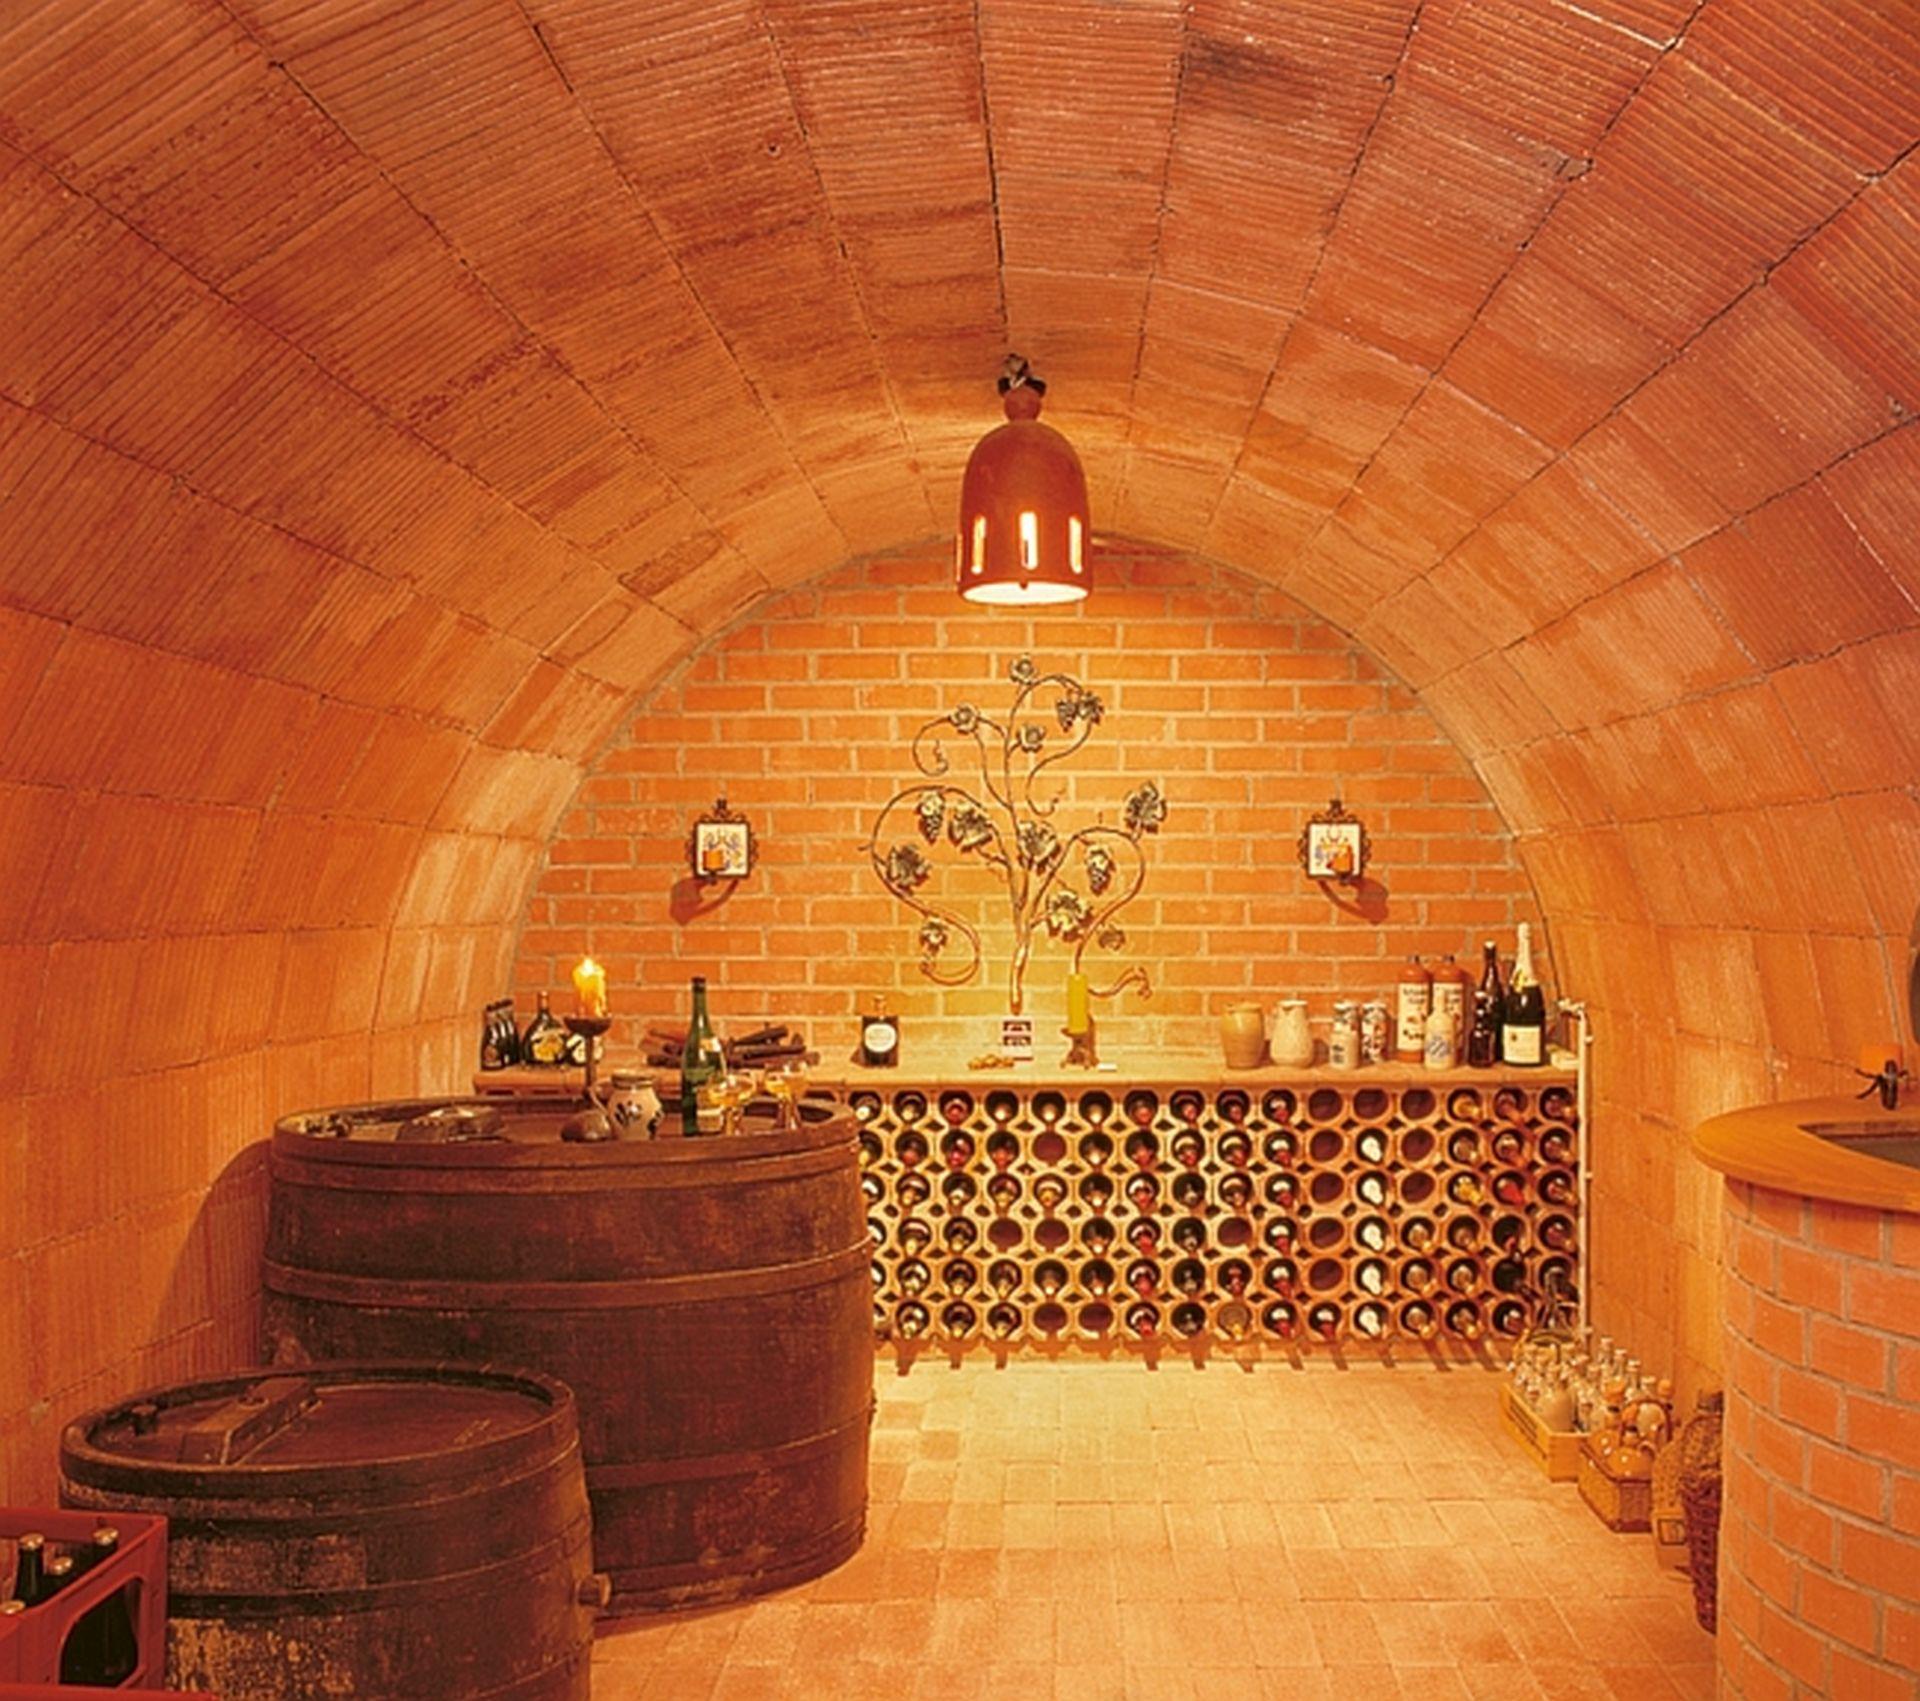 Weinregal Ziegel Von Neuschwander Aus Gebranntem Ton Neuschwander Weinkellerbau